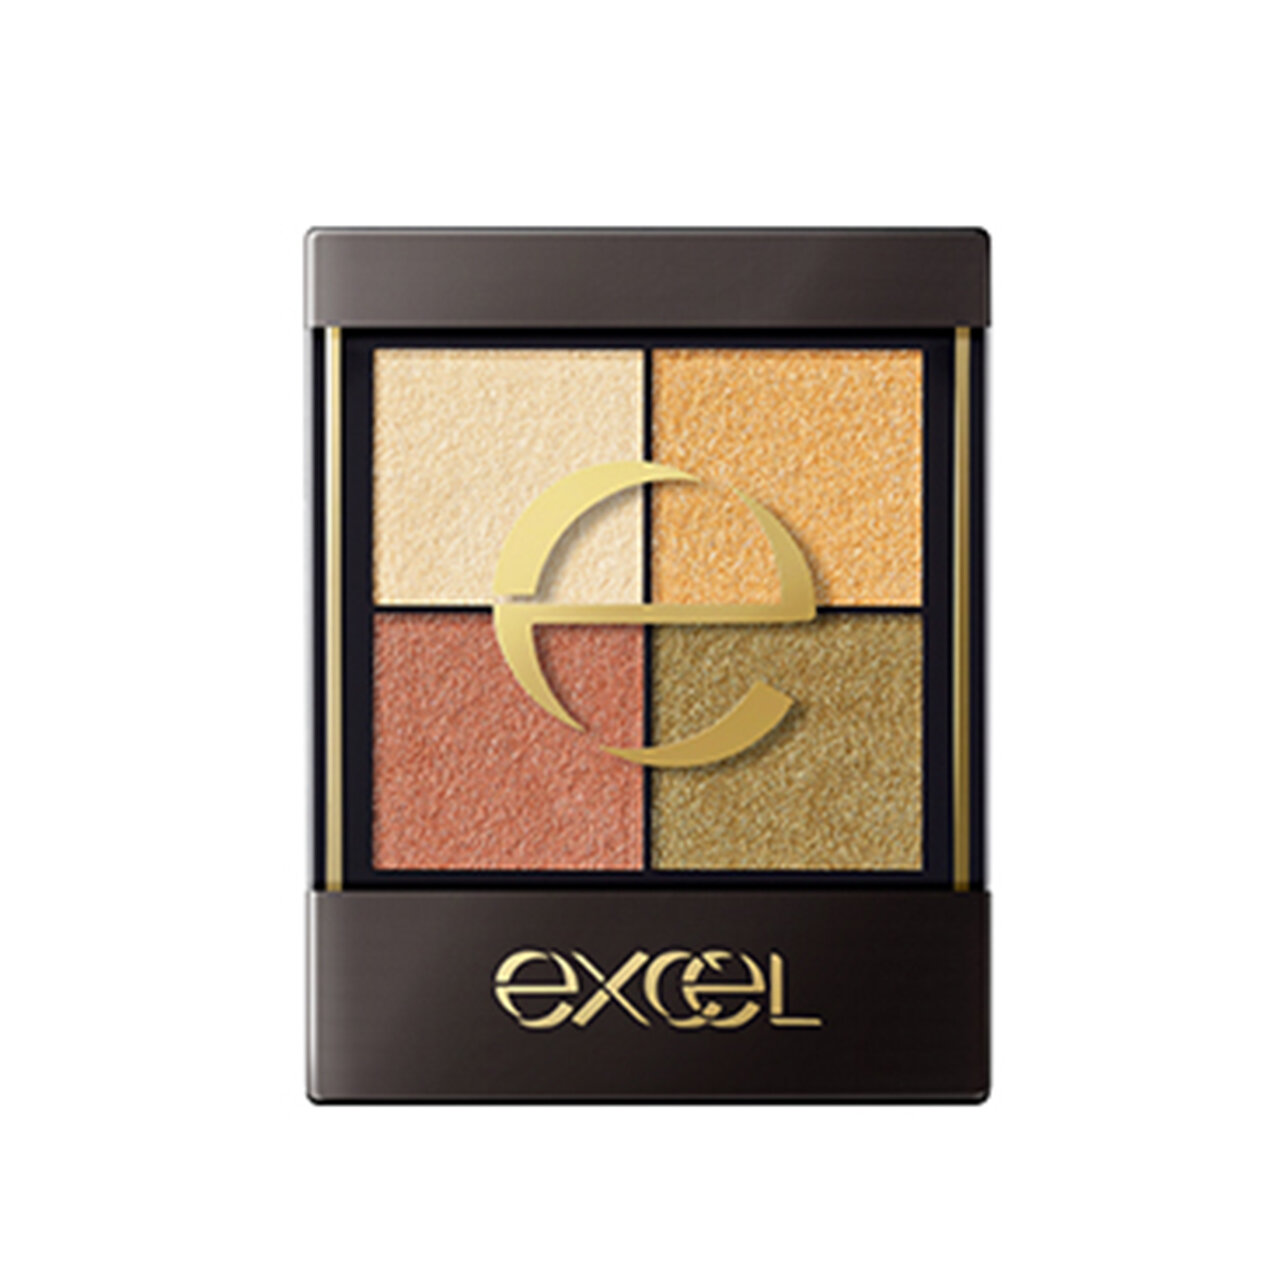 excel(エクセル)リアルクローズシャドウ CS12: ウェッジソール(限定色)